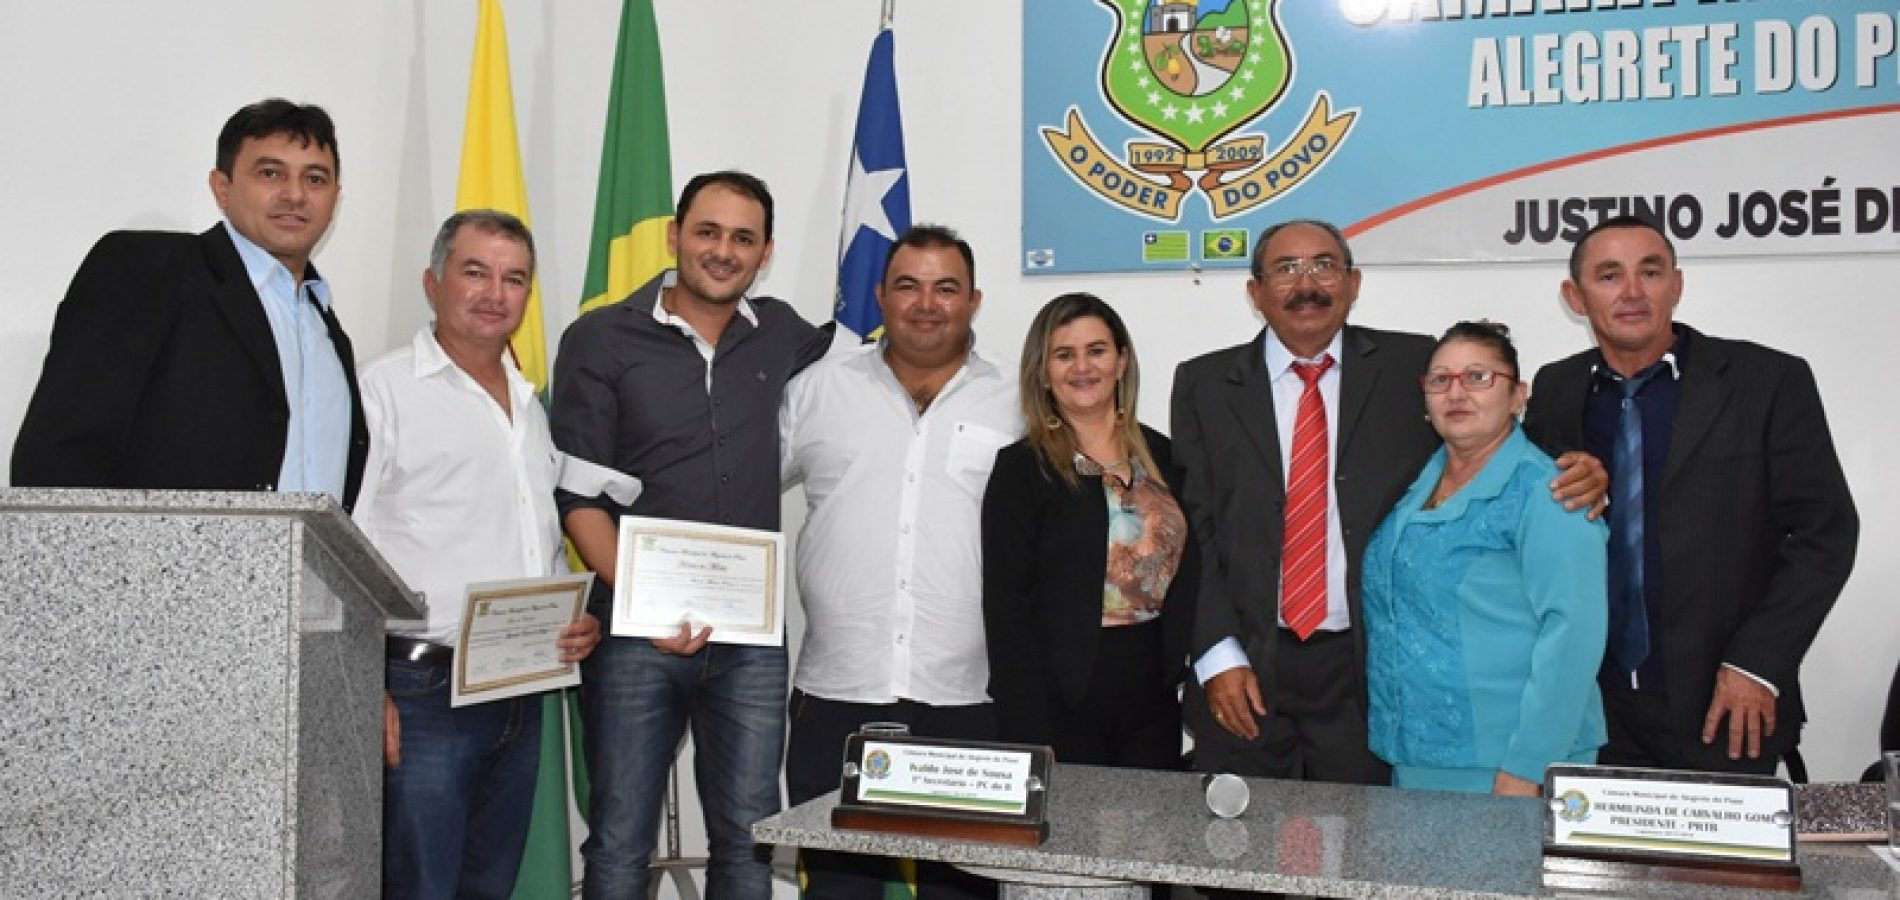 ALEGRETE | Câmara homenageia personalidades com entrega de Título de Cidadania